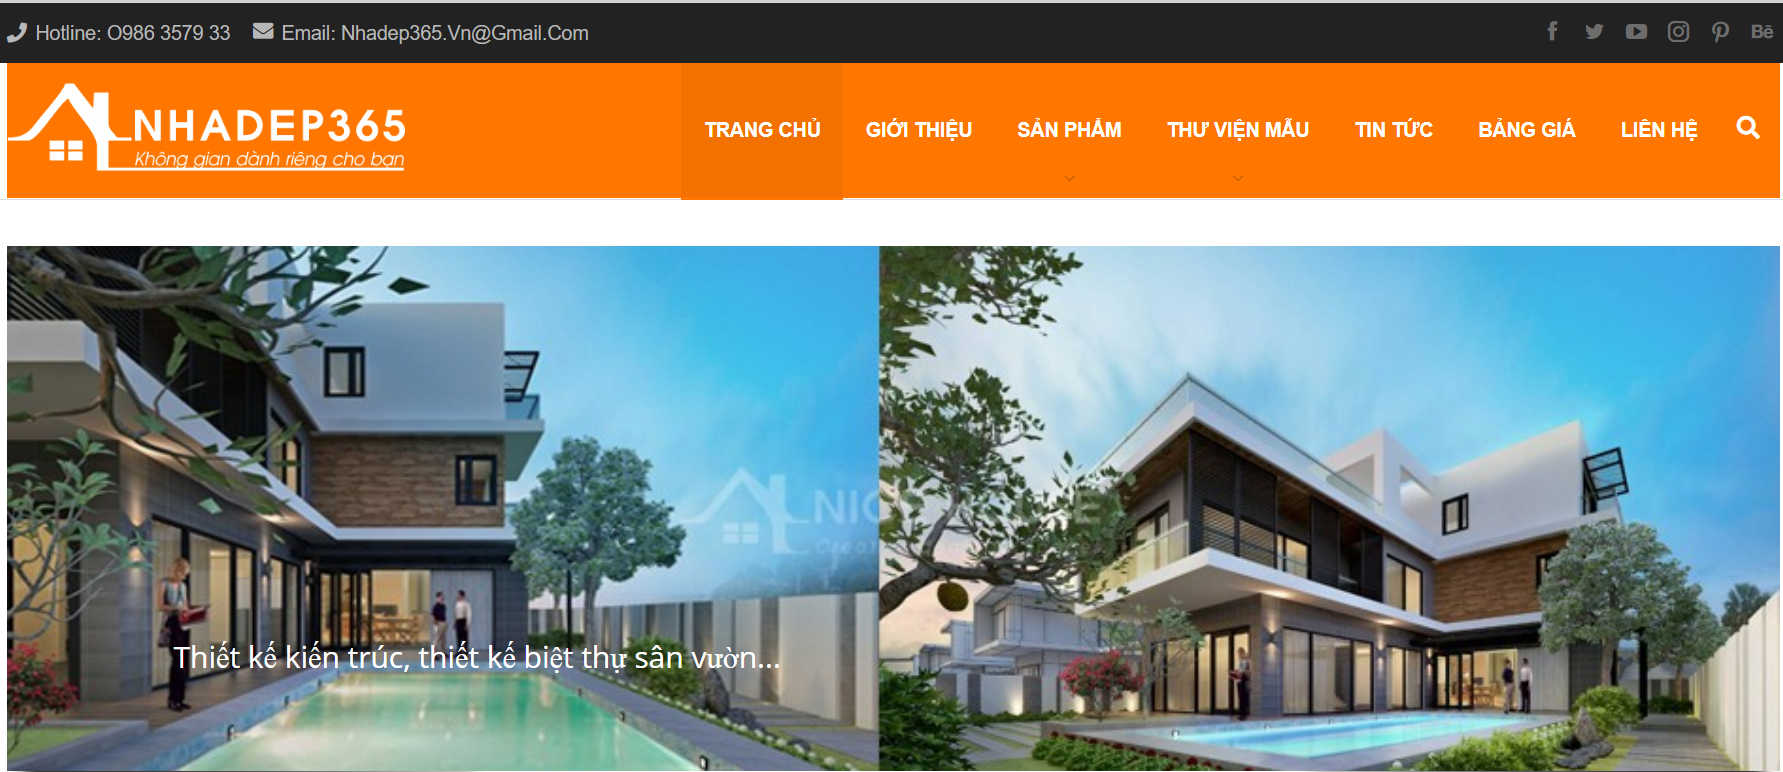 Công ty thiết kế nhà Nhà đẹp 365